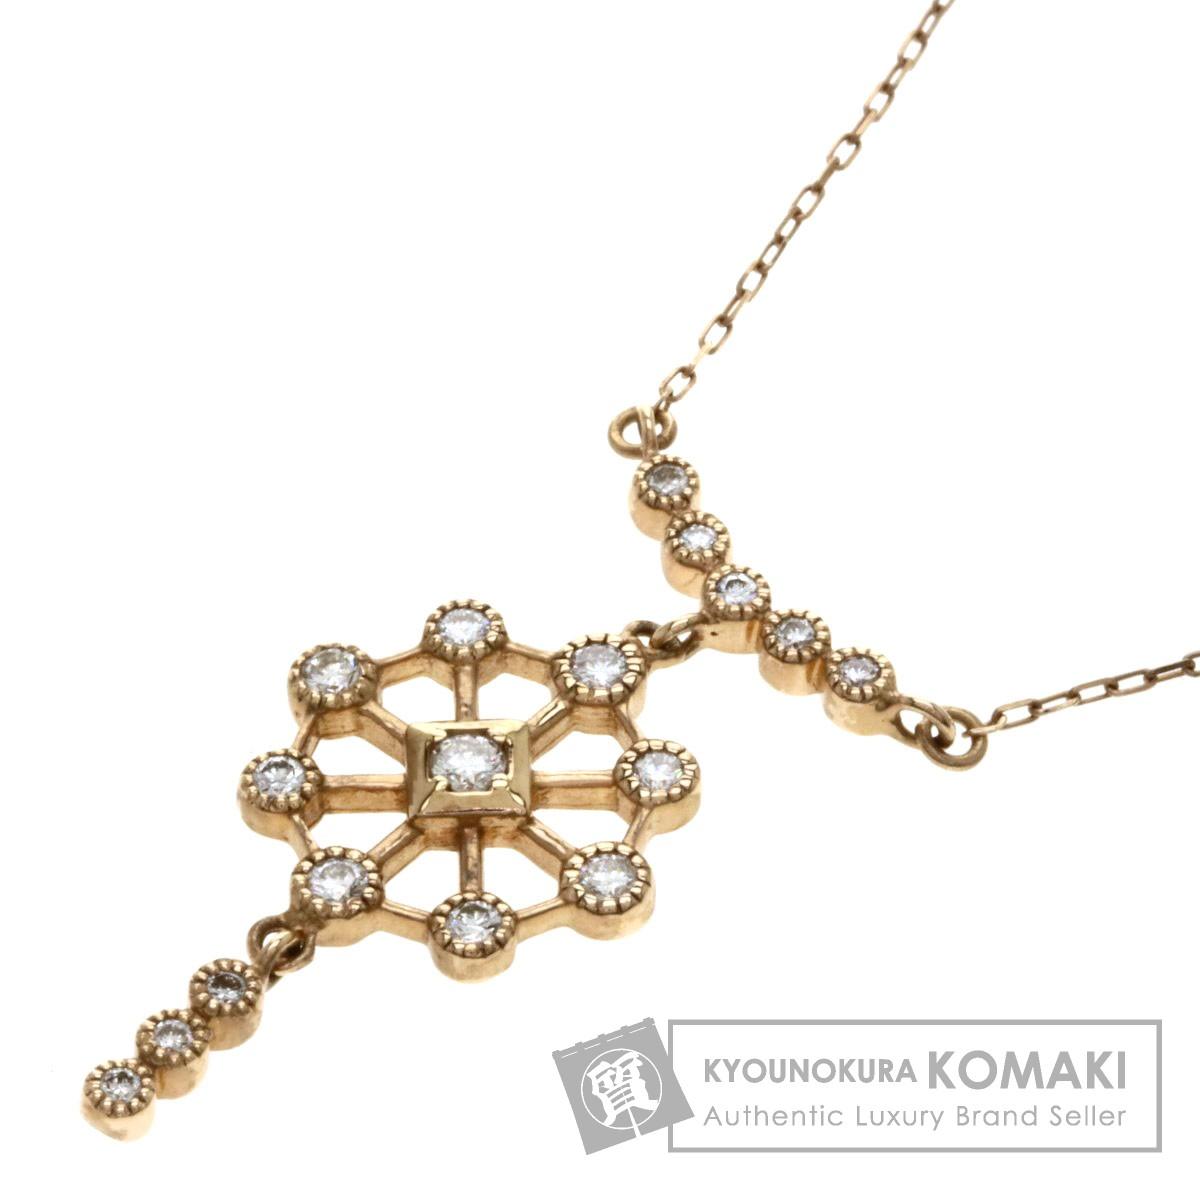 0.29ct メレダイヤモンド ネックレス K18ピンクゴールド 2.9g レディース 【中古】